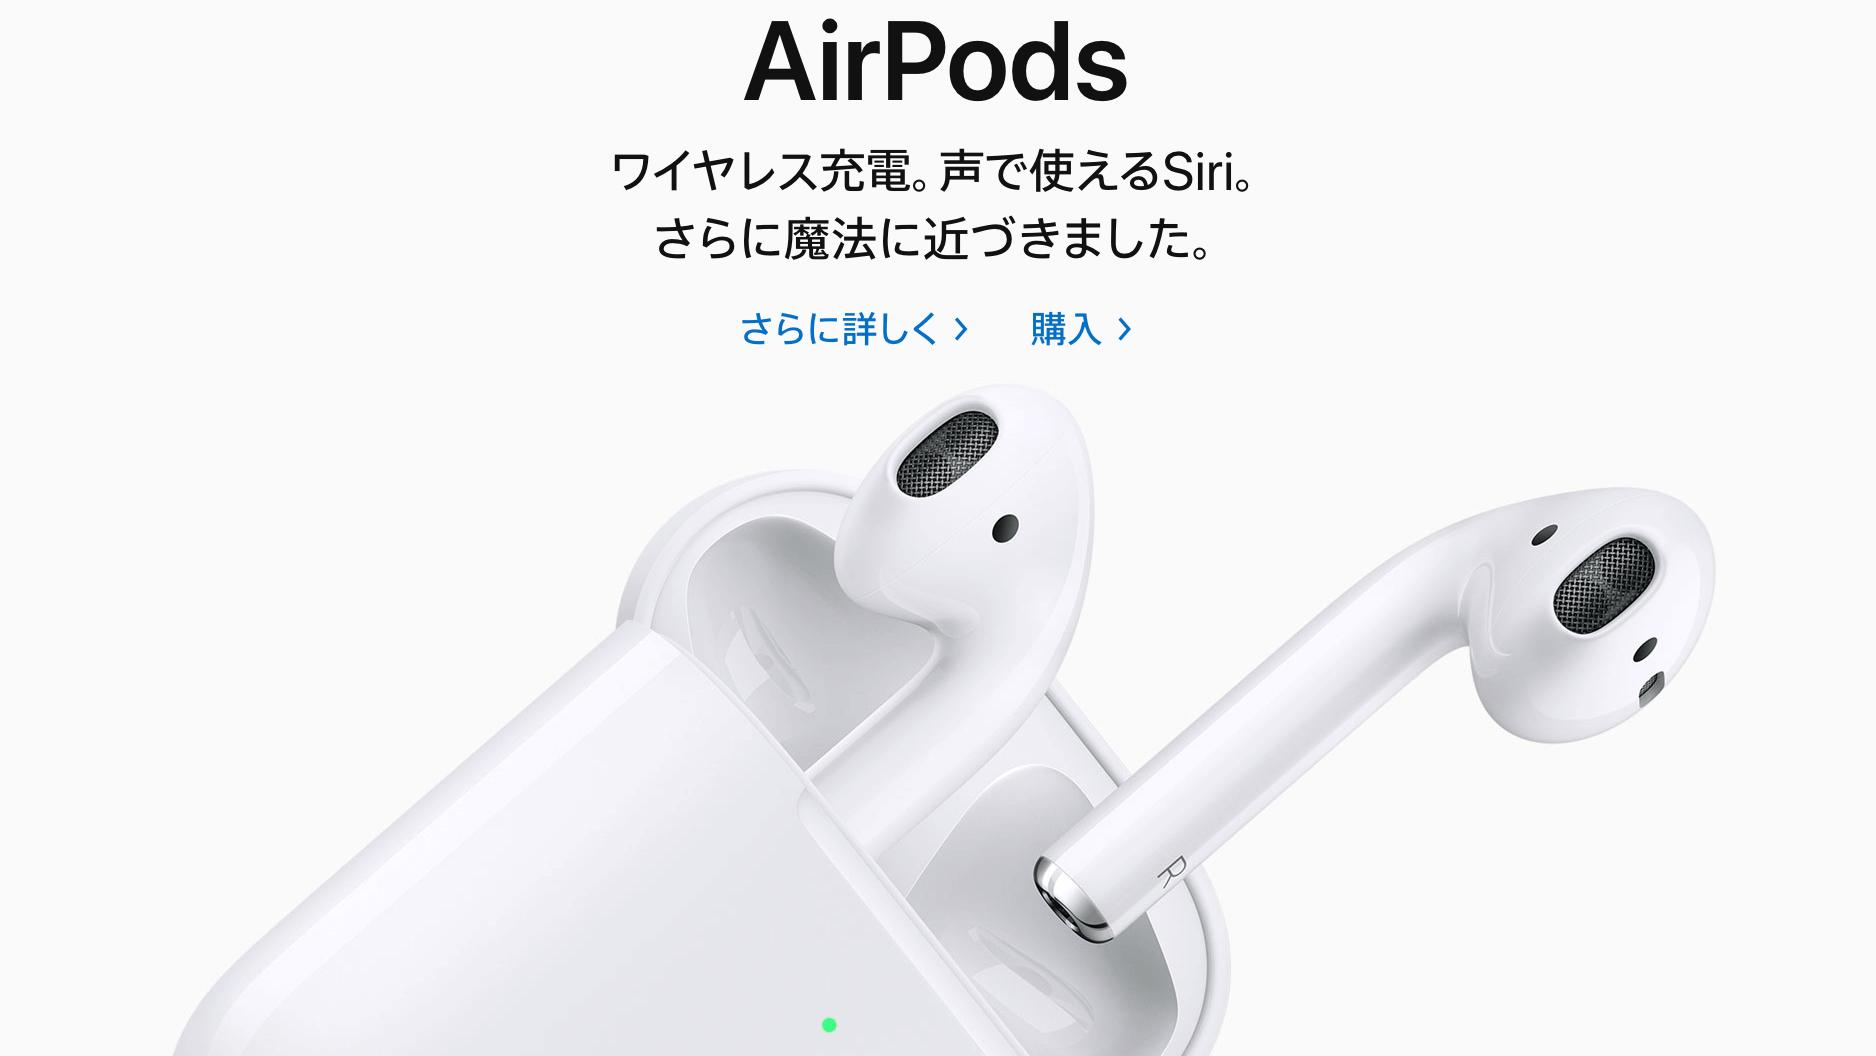 新型AirPods2(第二世代)の特徴